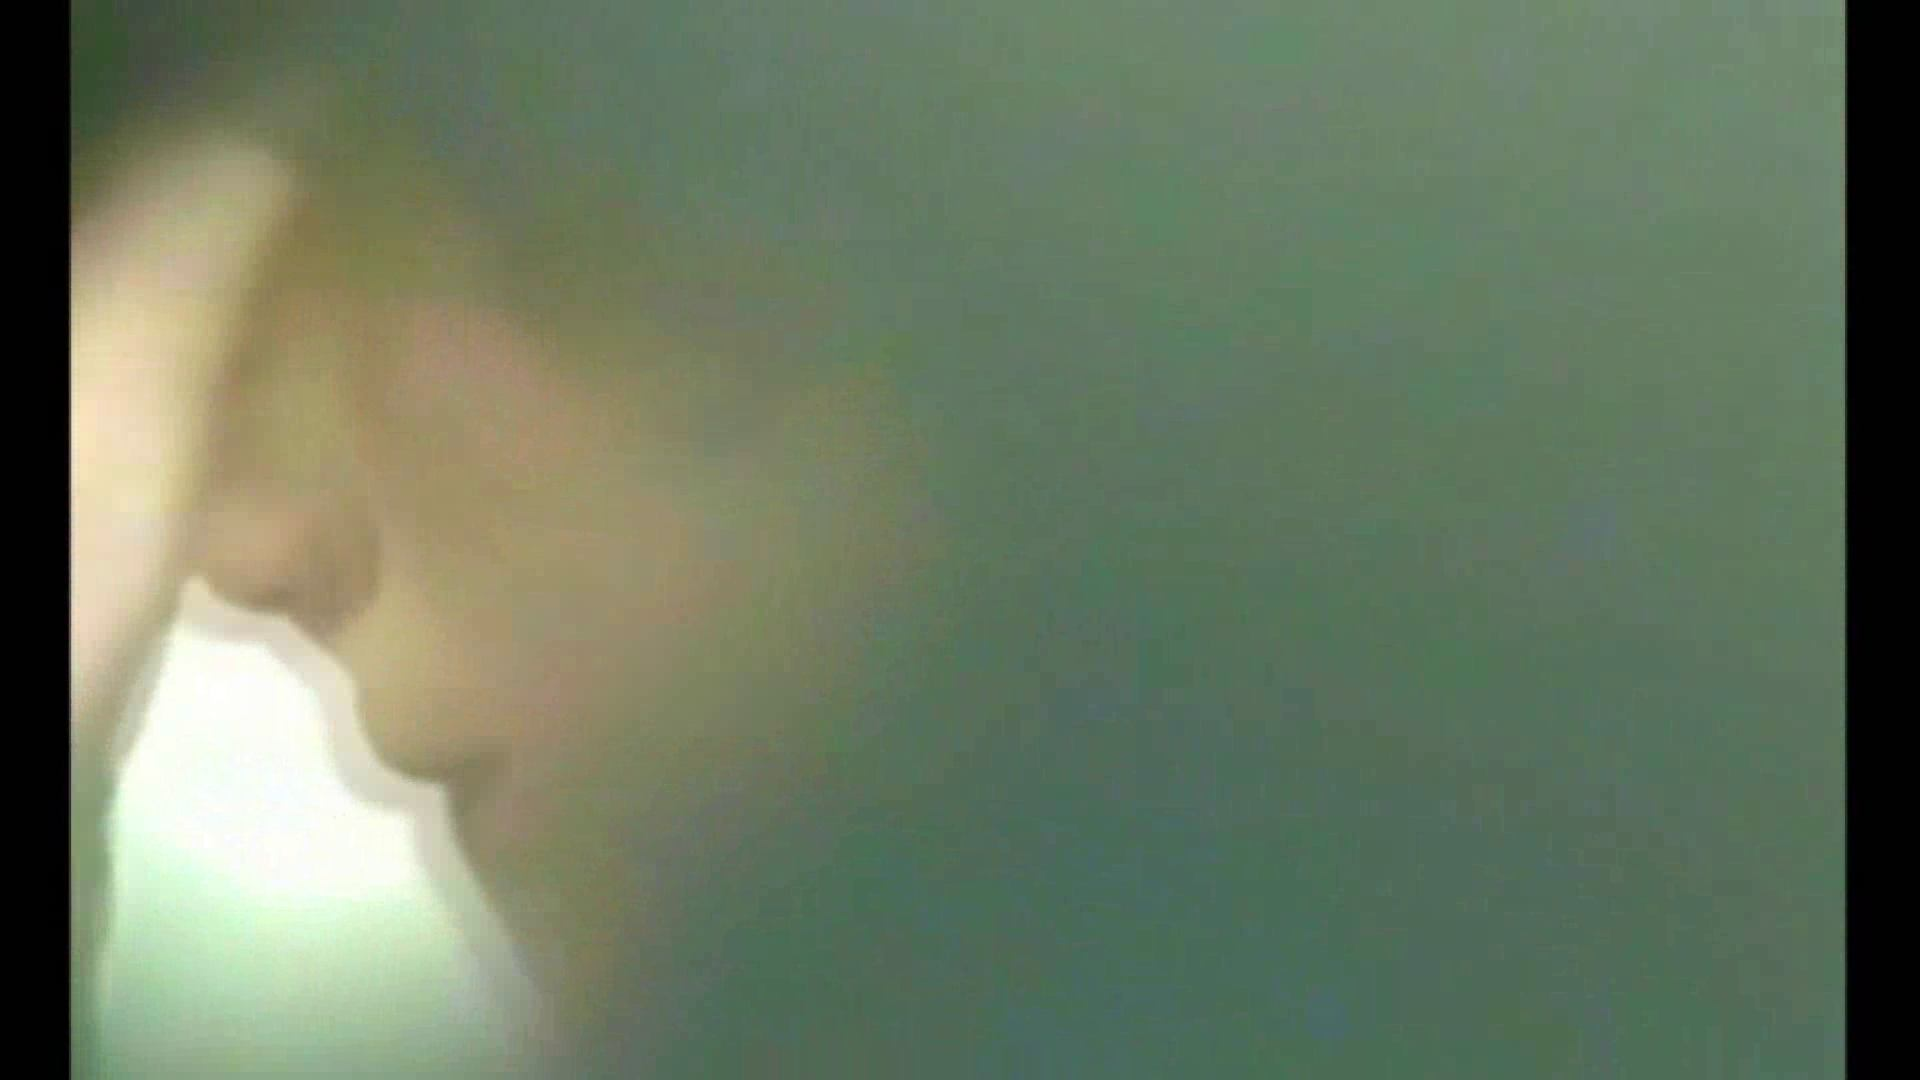 イケメンの素顔in洗面所 Vol.14 イケメン合体 | チンポパラダイス  62連発 29